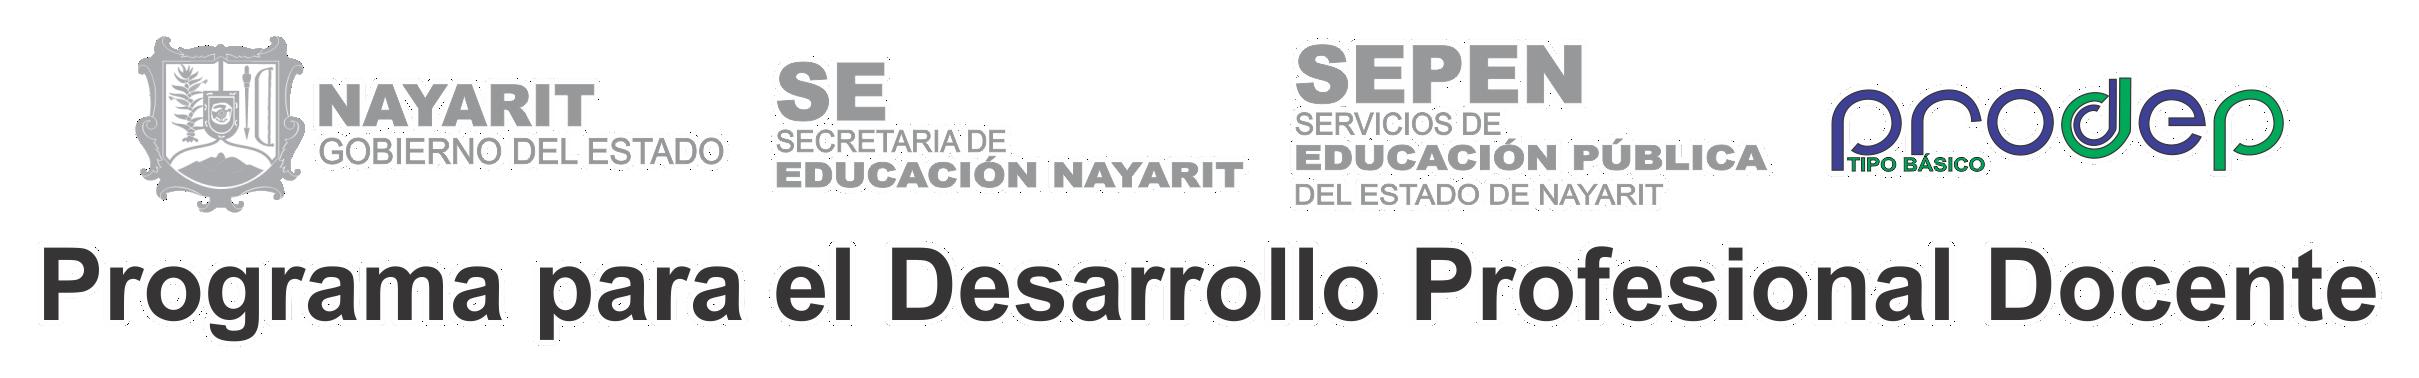 Programa para el Desarrollo Profesional Docente Nayarit